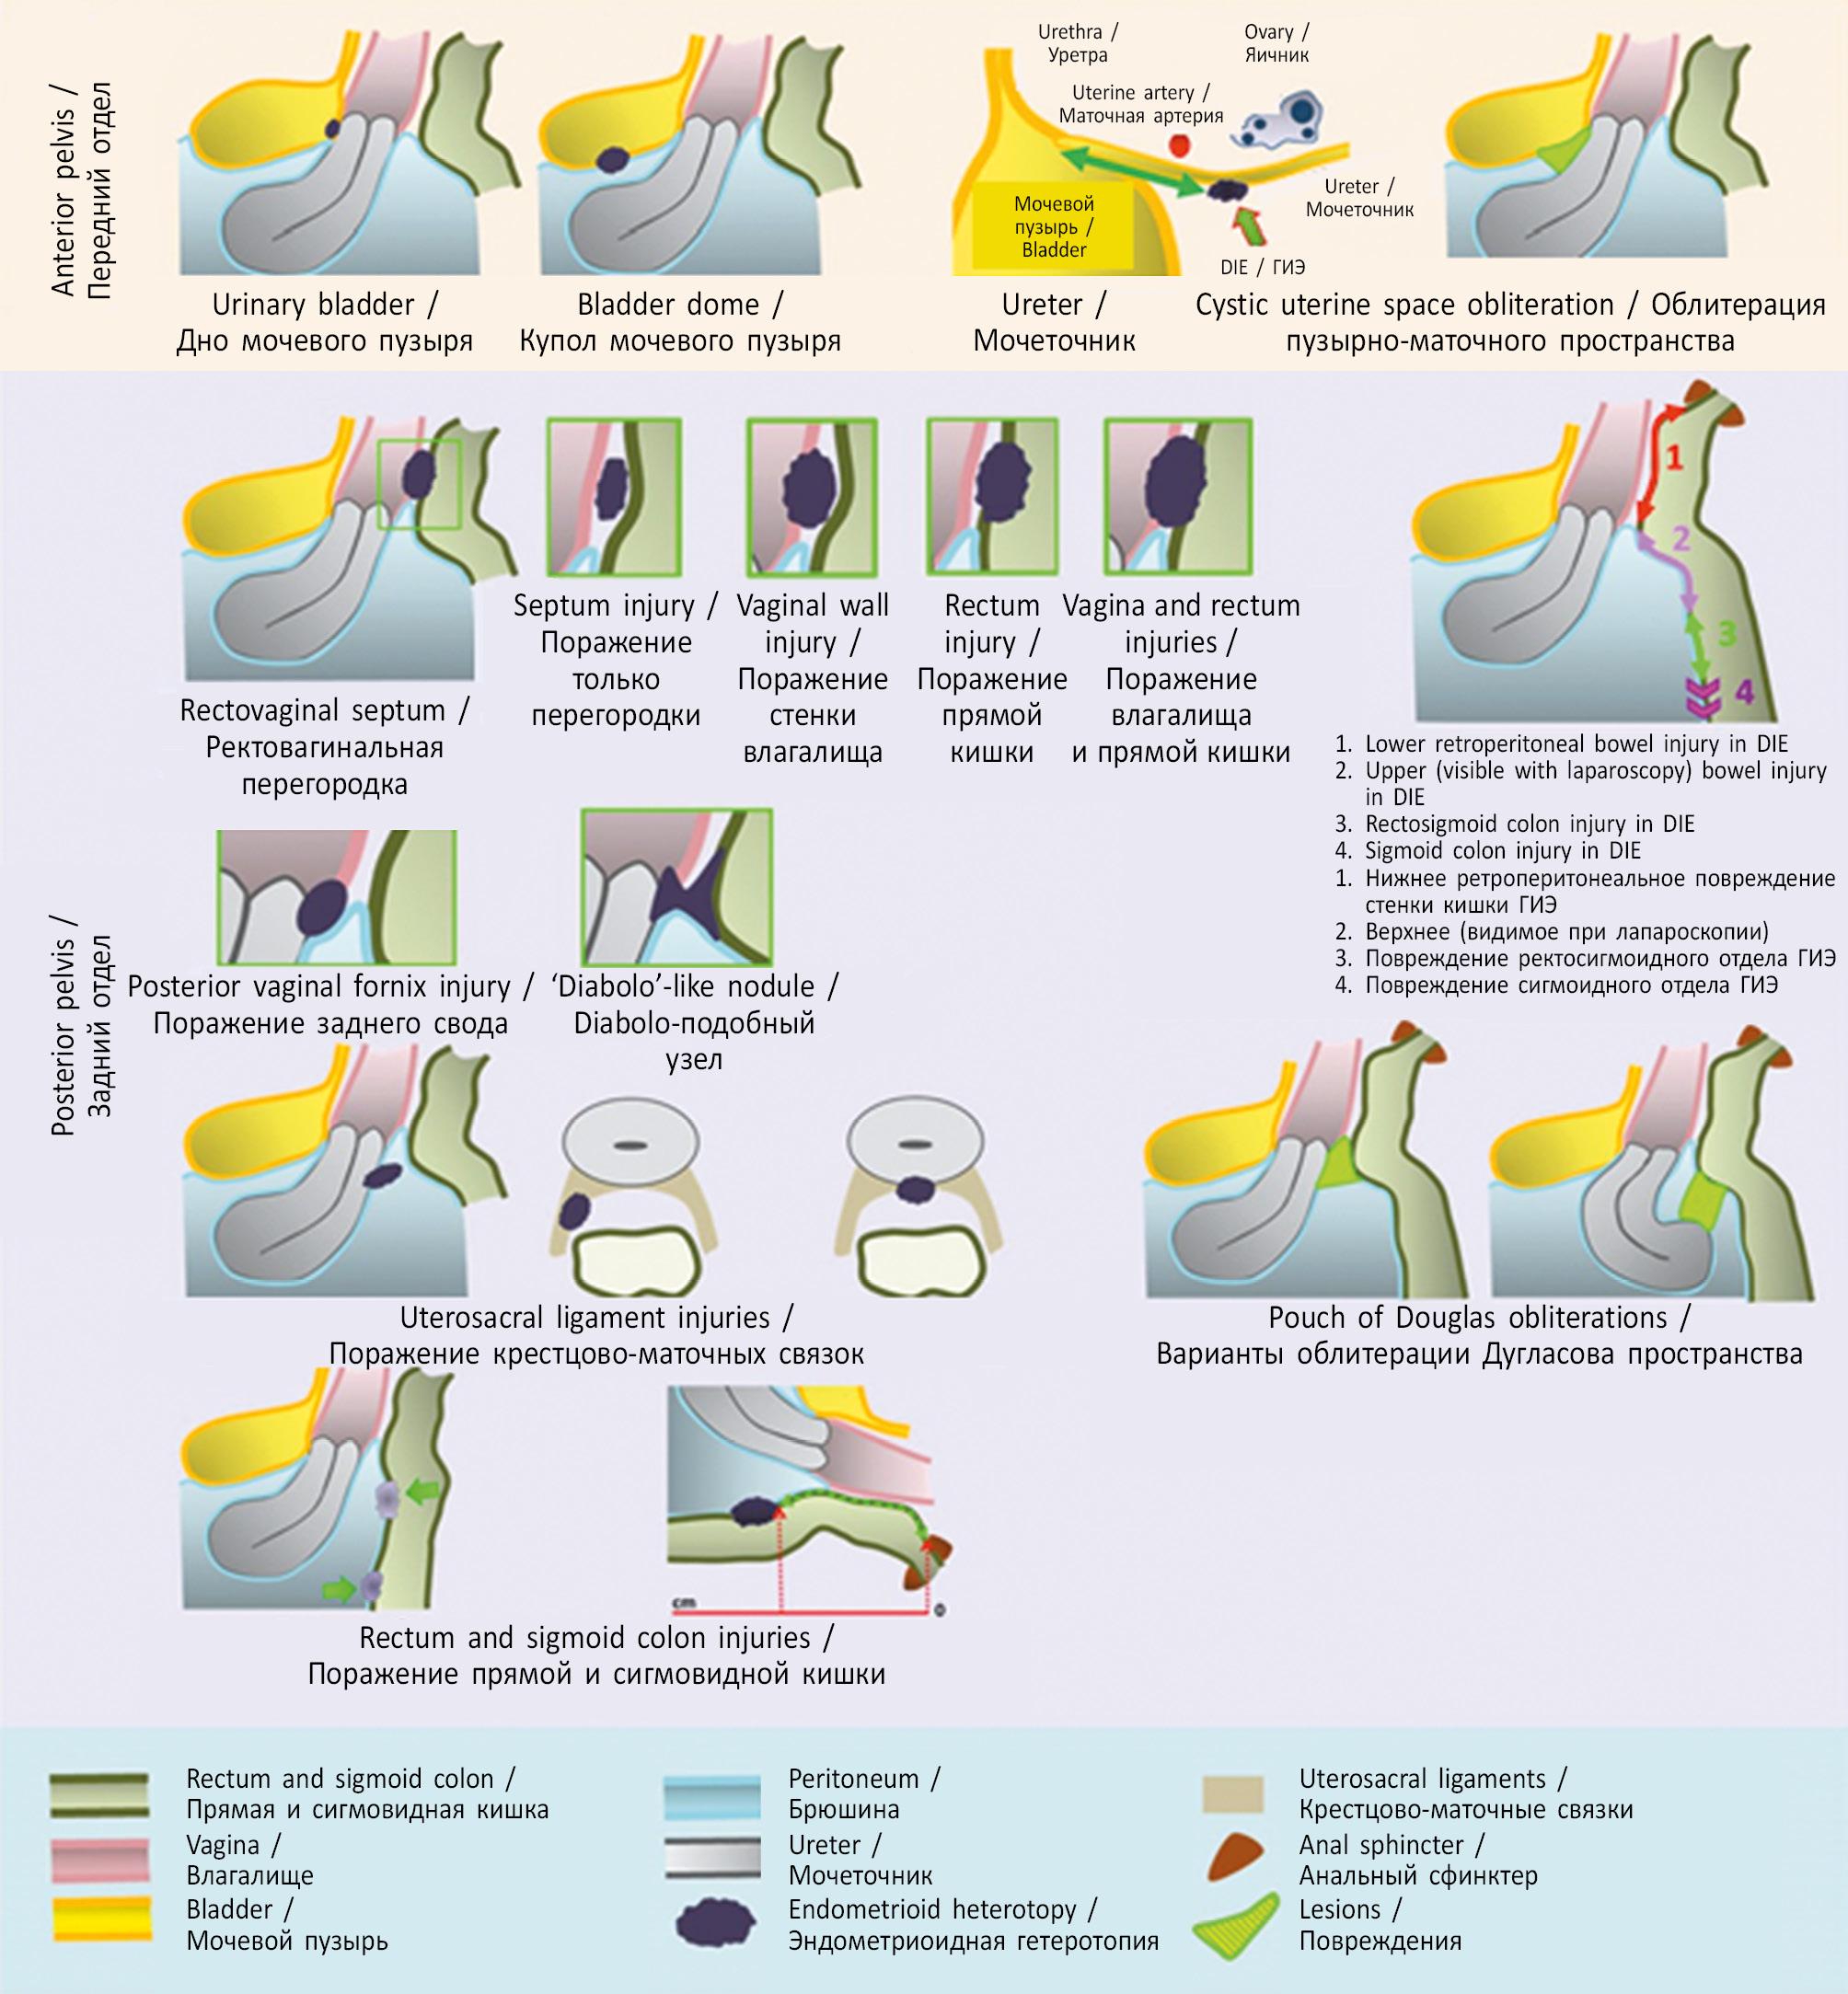 Méh rák (endometriális rák): Tünetek és jelek - Hírek